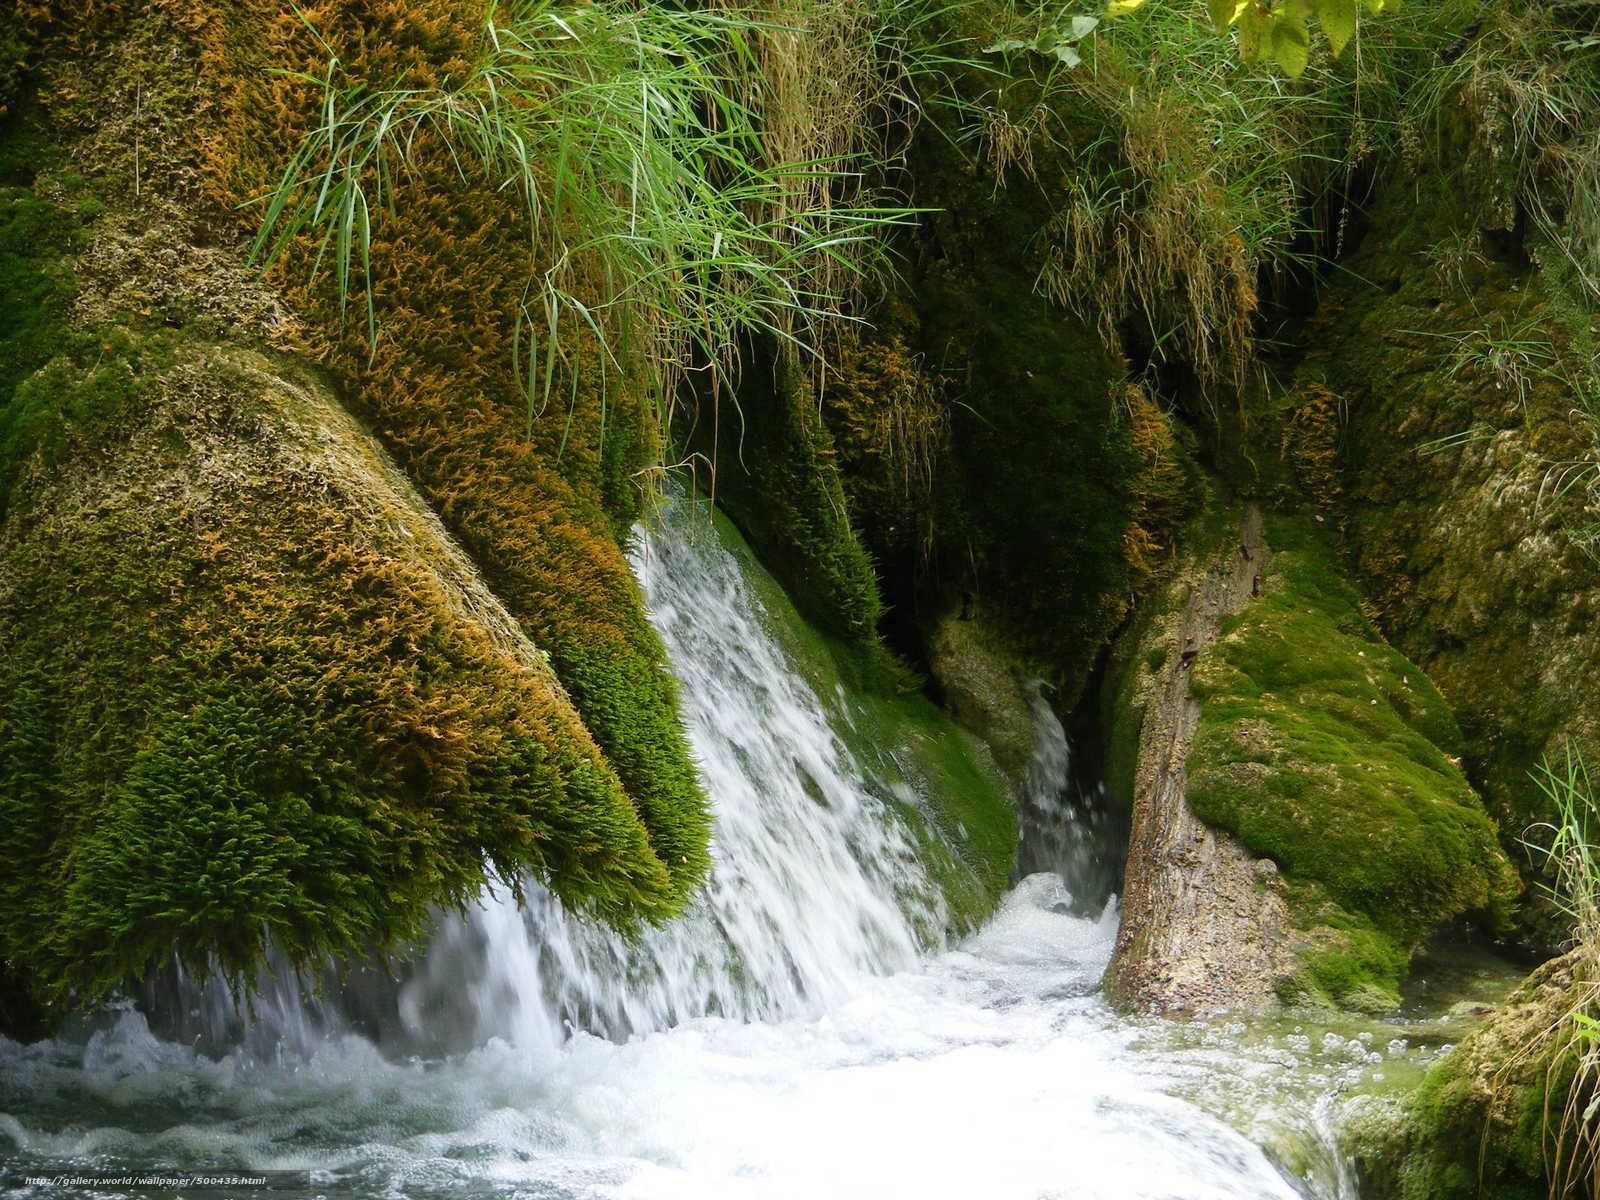 Tlcharger Fond d'ecran cascade,  ruisseau,  Nature Fonds d'ecran gratuits pour votre rsolution du bureau 2304x1728 — image №500435